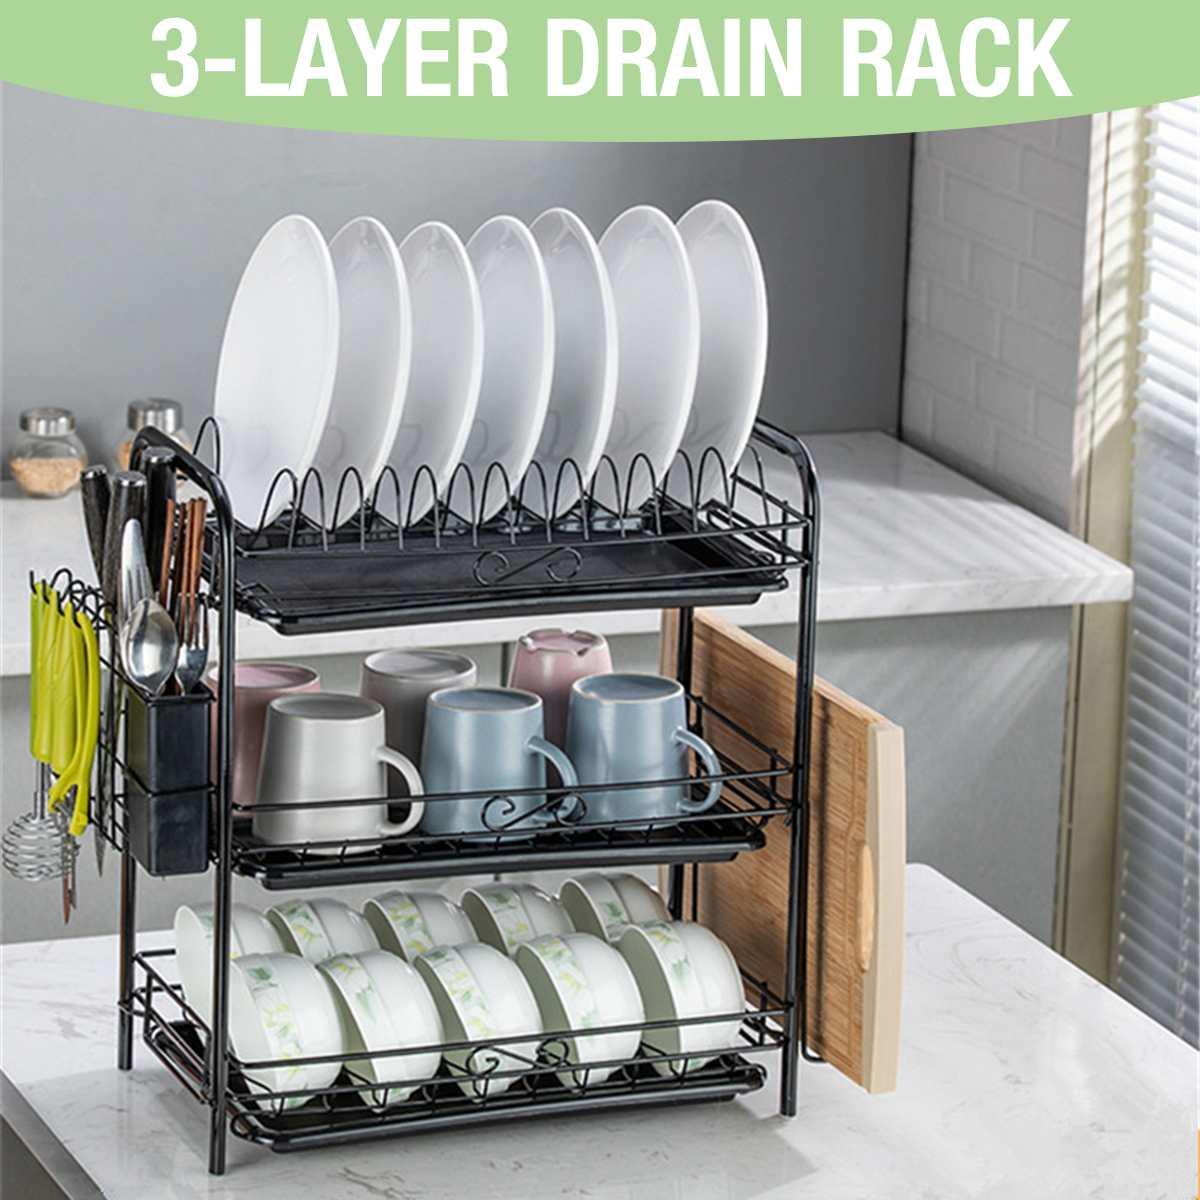 Escurridor de platos de 2/3 capas, cocina, cubertería, platos, estante para platos, fregadero, bandeja de goteo, estante de almacenamiento, organizador de almacenamiento colgante inoxidable